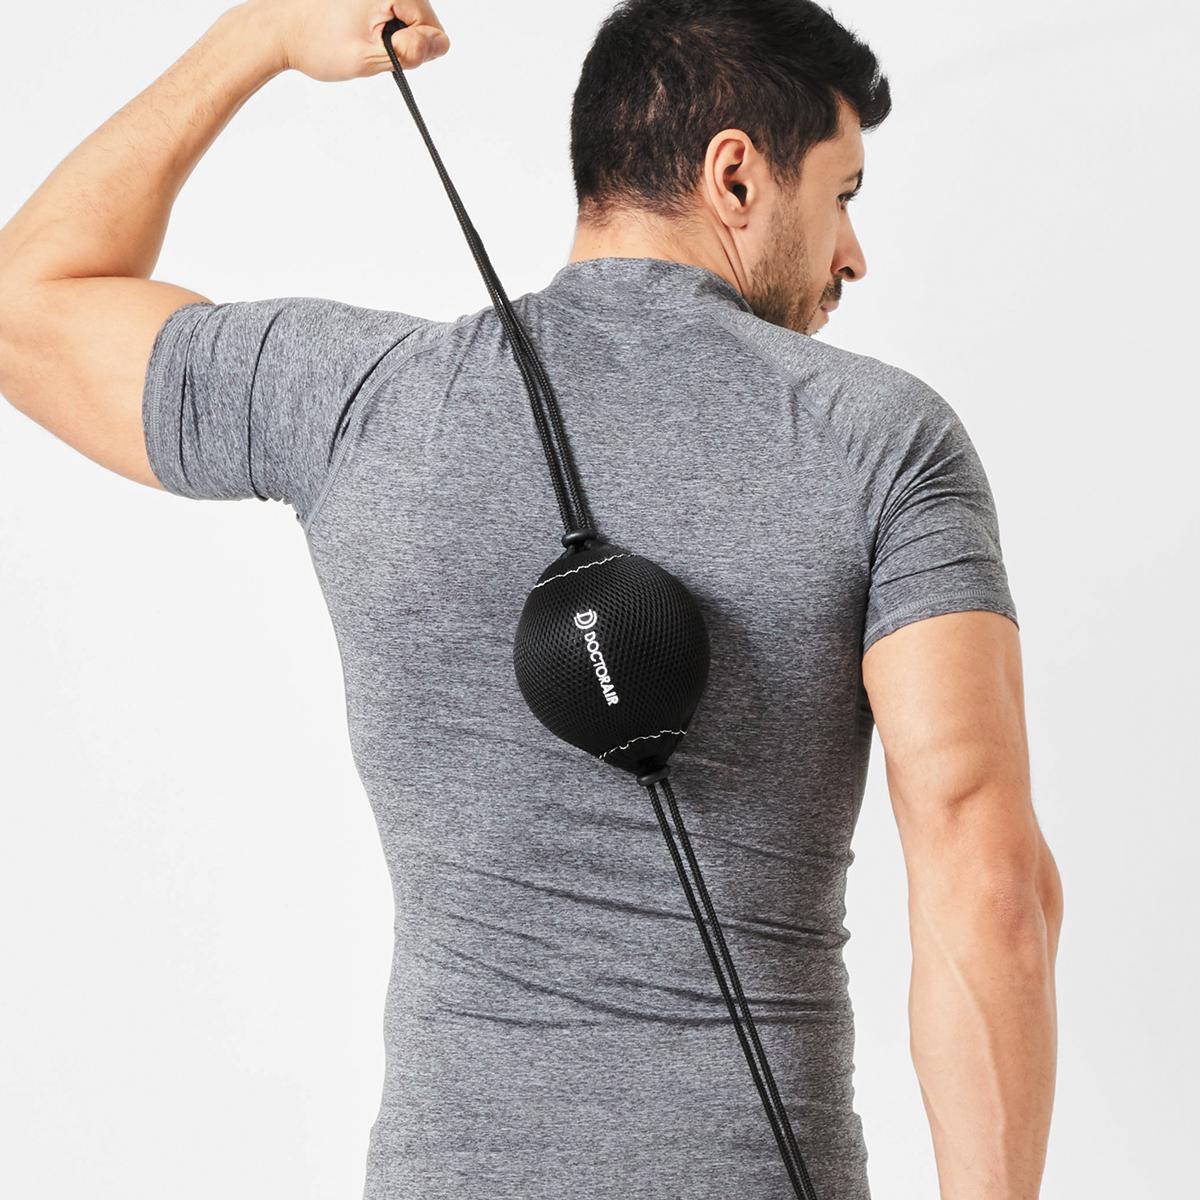 筋肉を、深く狭く、揺さぶって、滞りがちな血行も刺激。パワフルに振動するストレッチボール|Dr.Air 3Dコンディショニングボール